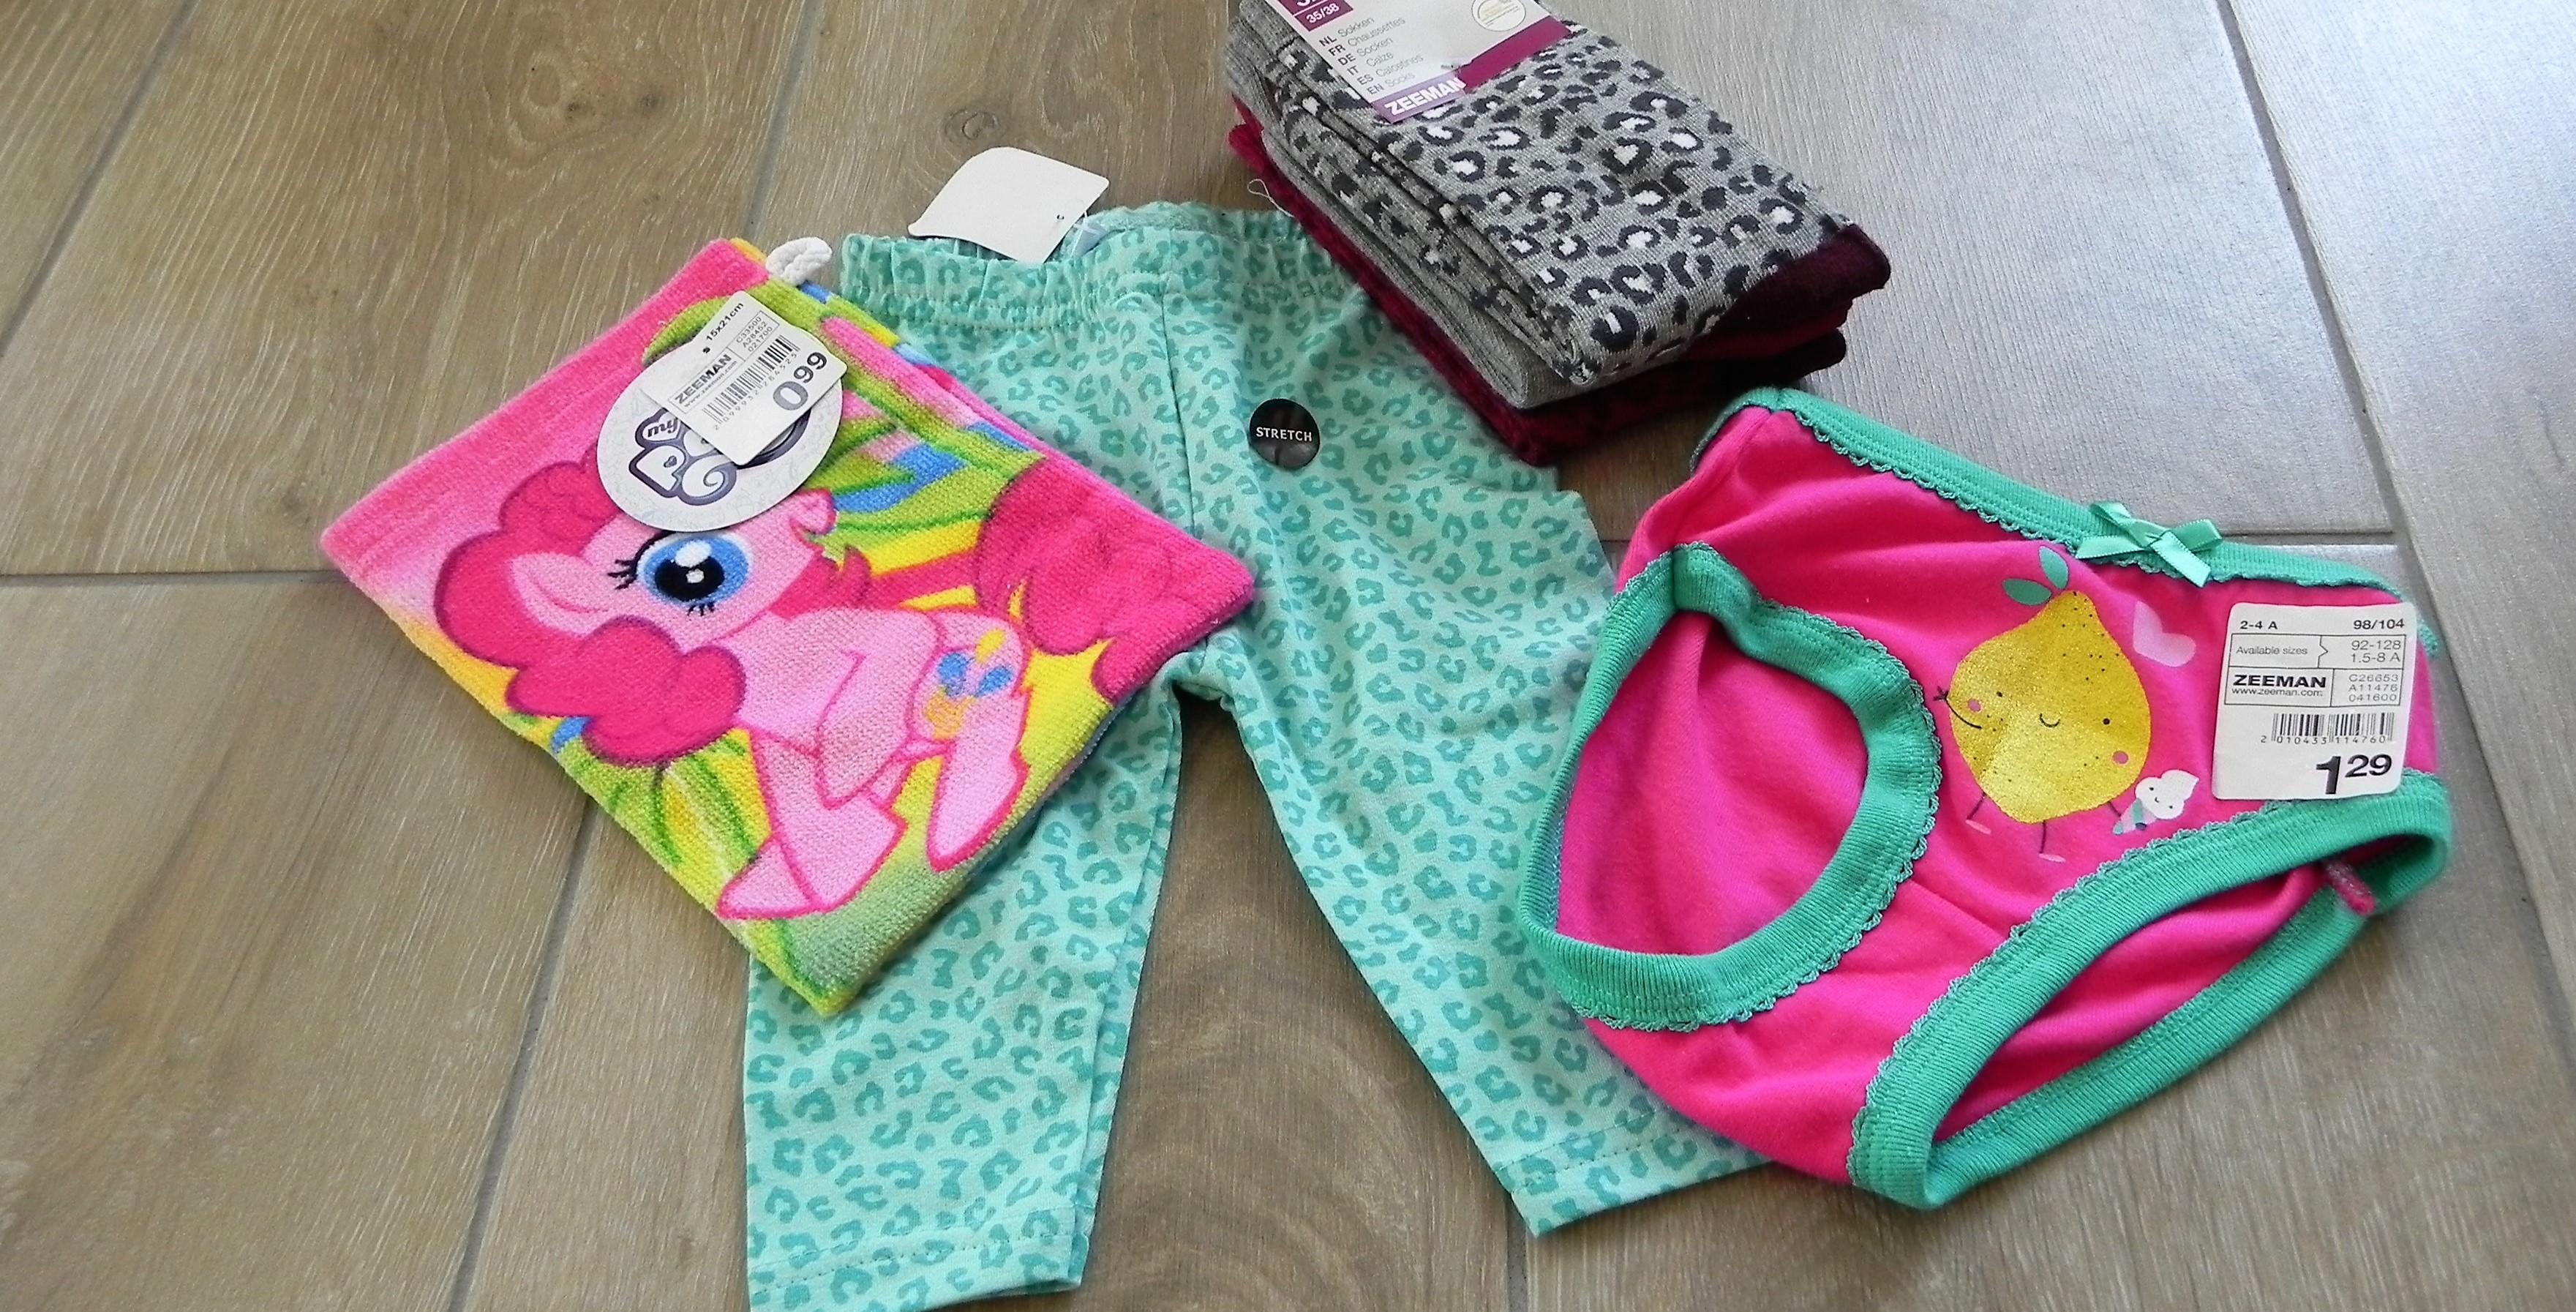 shoplog, Zeeman, zomerkleren kind, kinderkleertjes, blog, mamablog, La Log